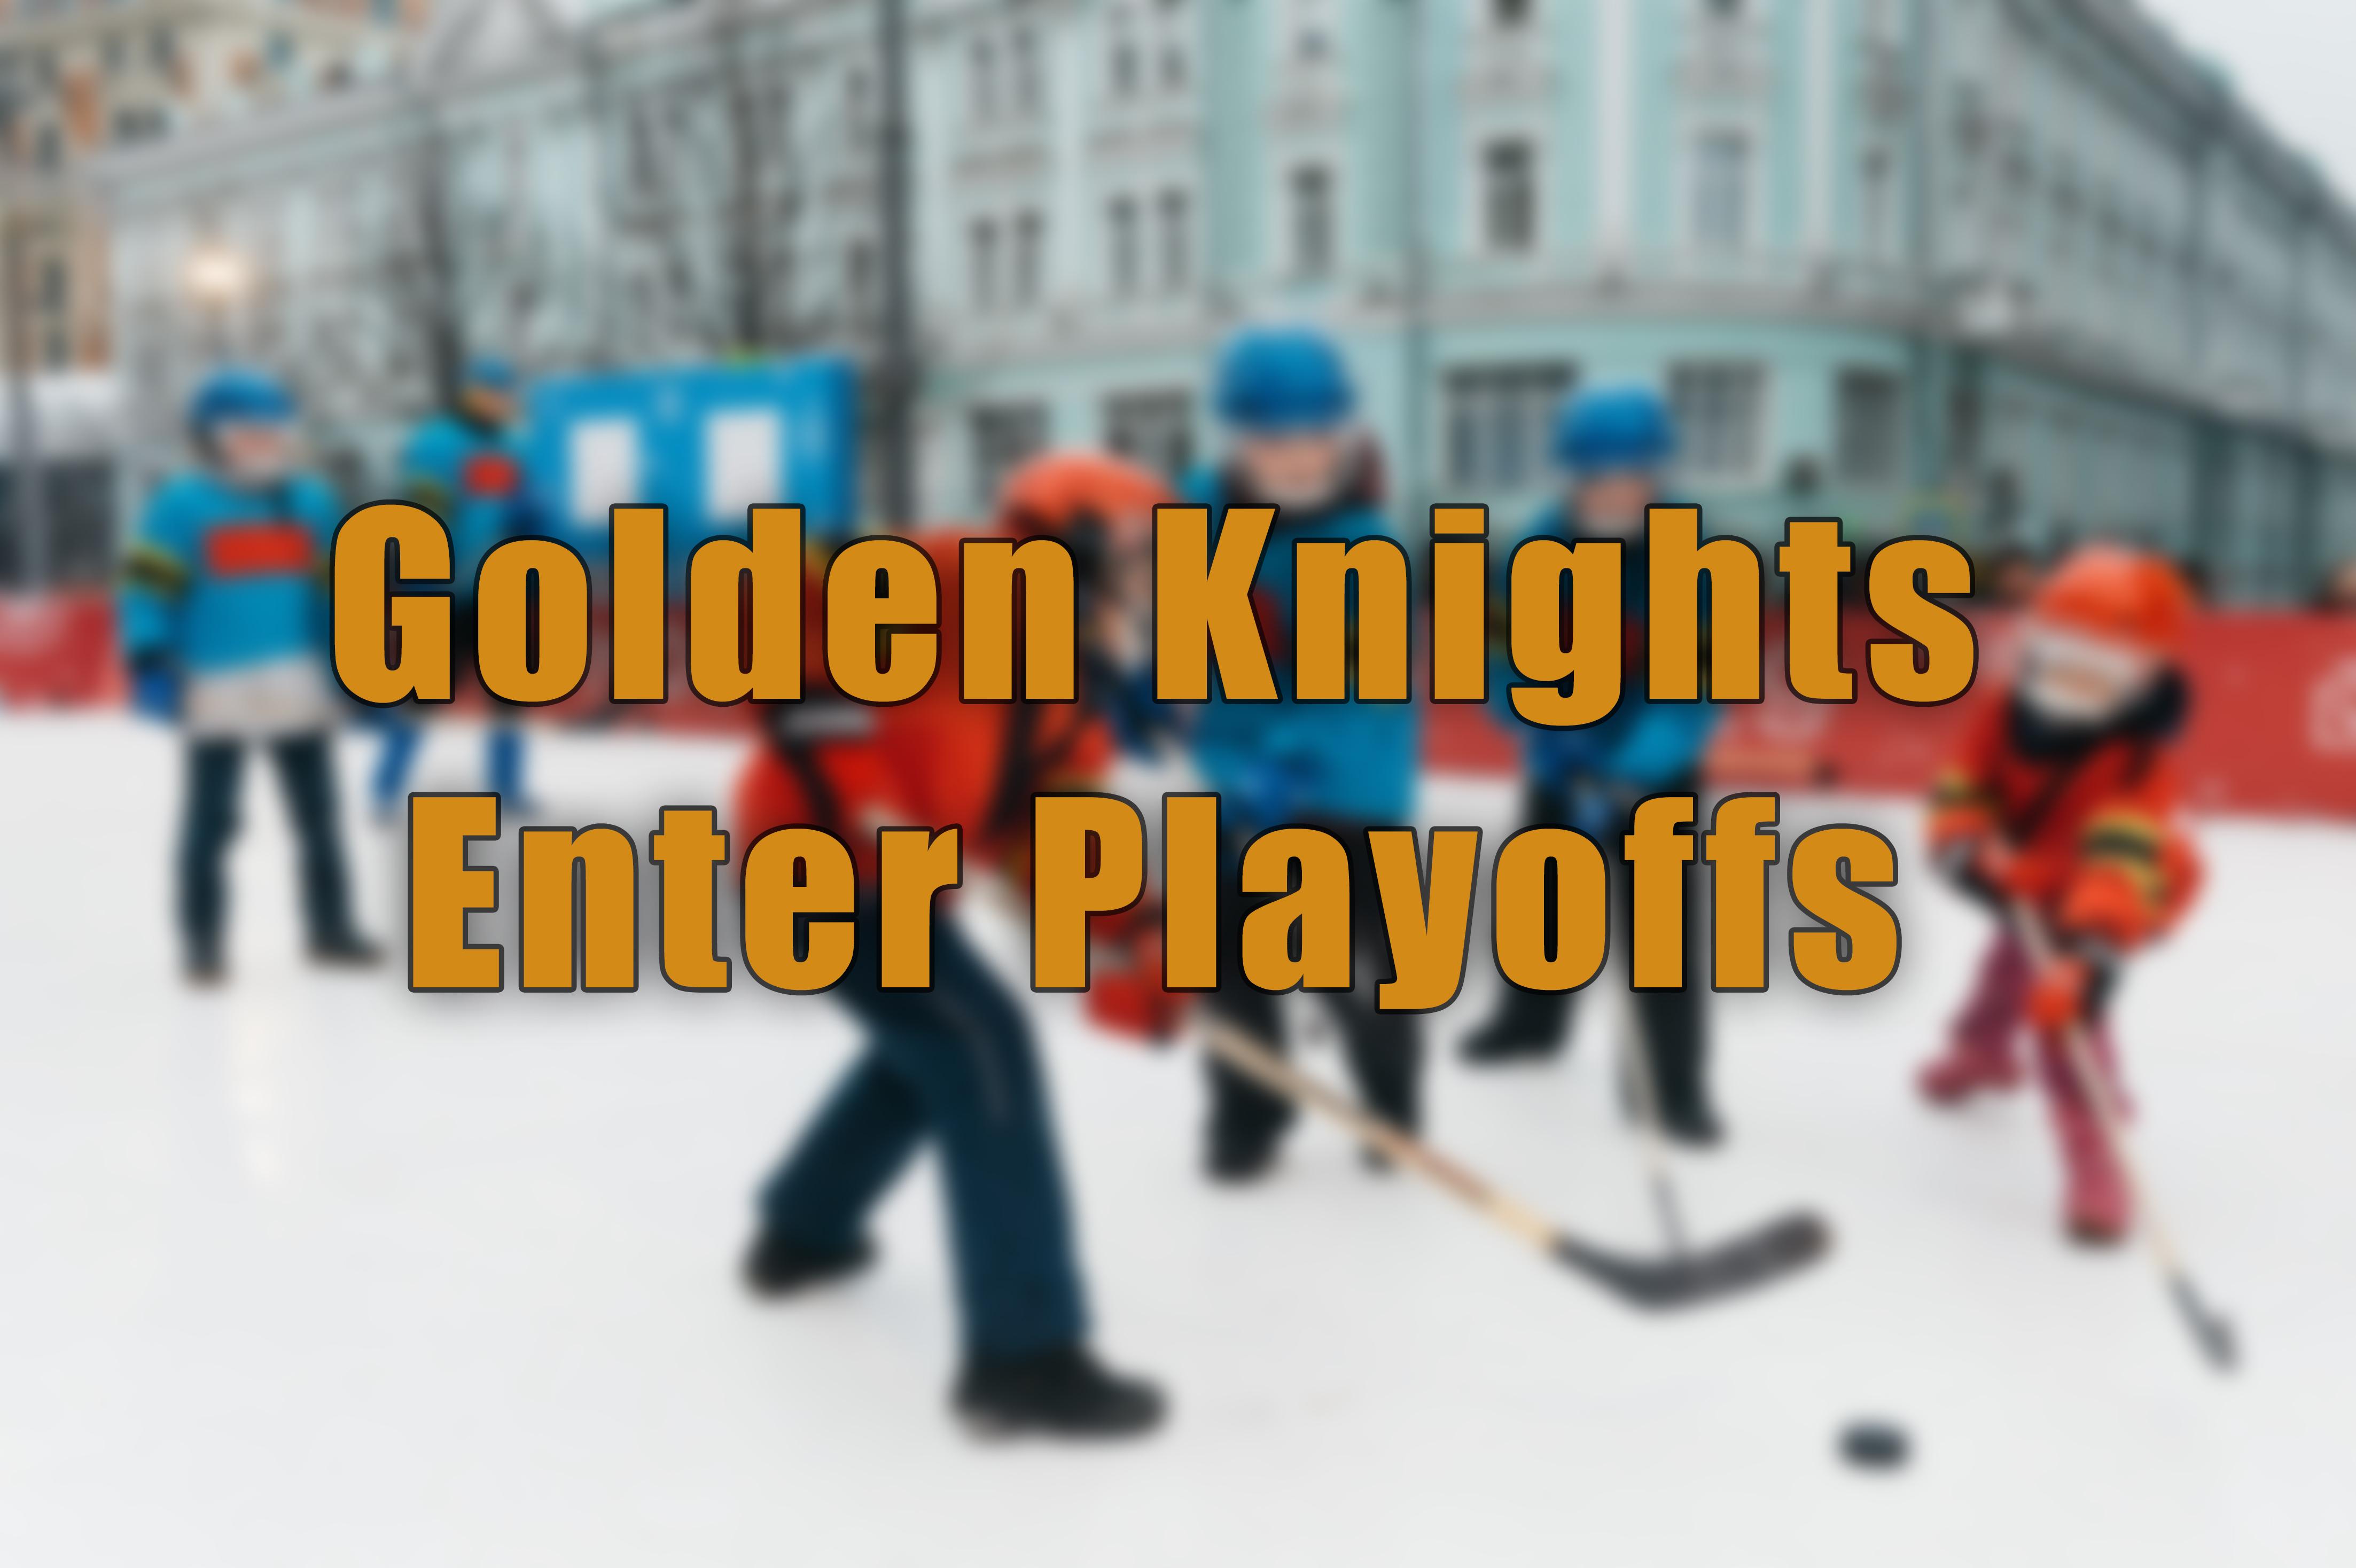 Golden Knights Playoffs.jpg